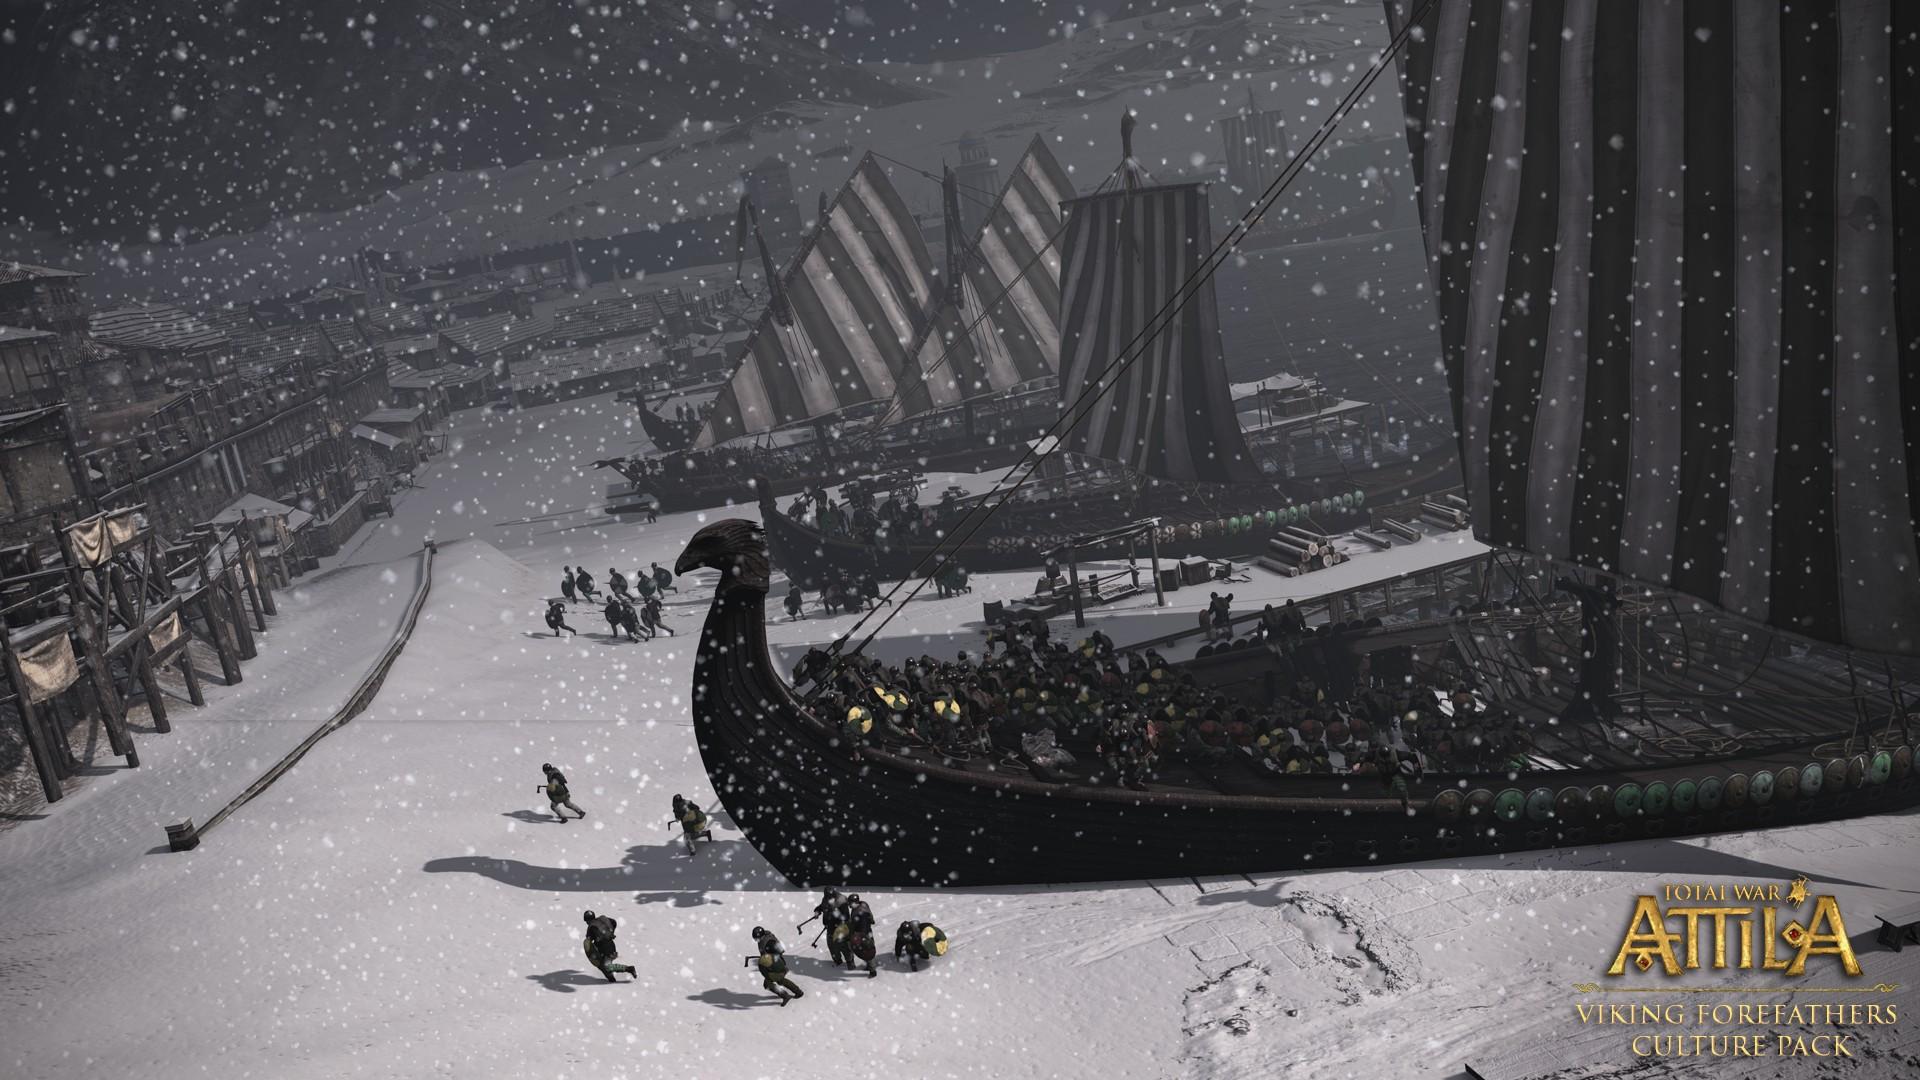 [Image: TWA_Viking_battle_landing_logo.jpg]